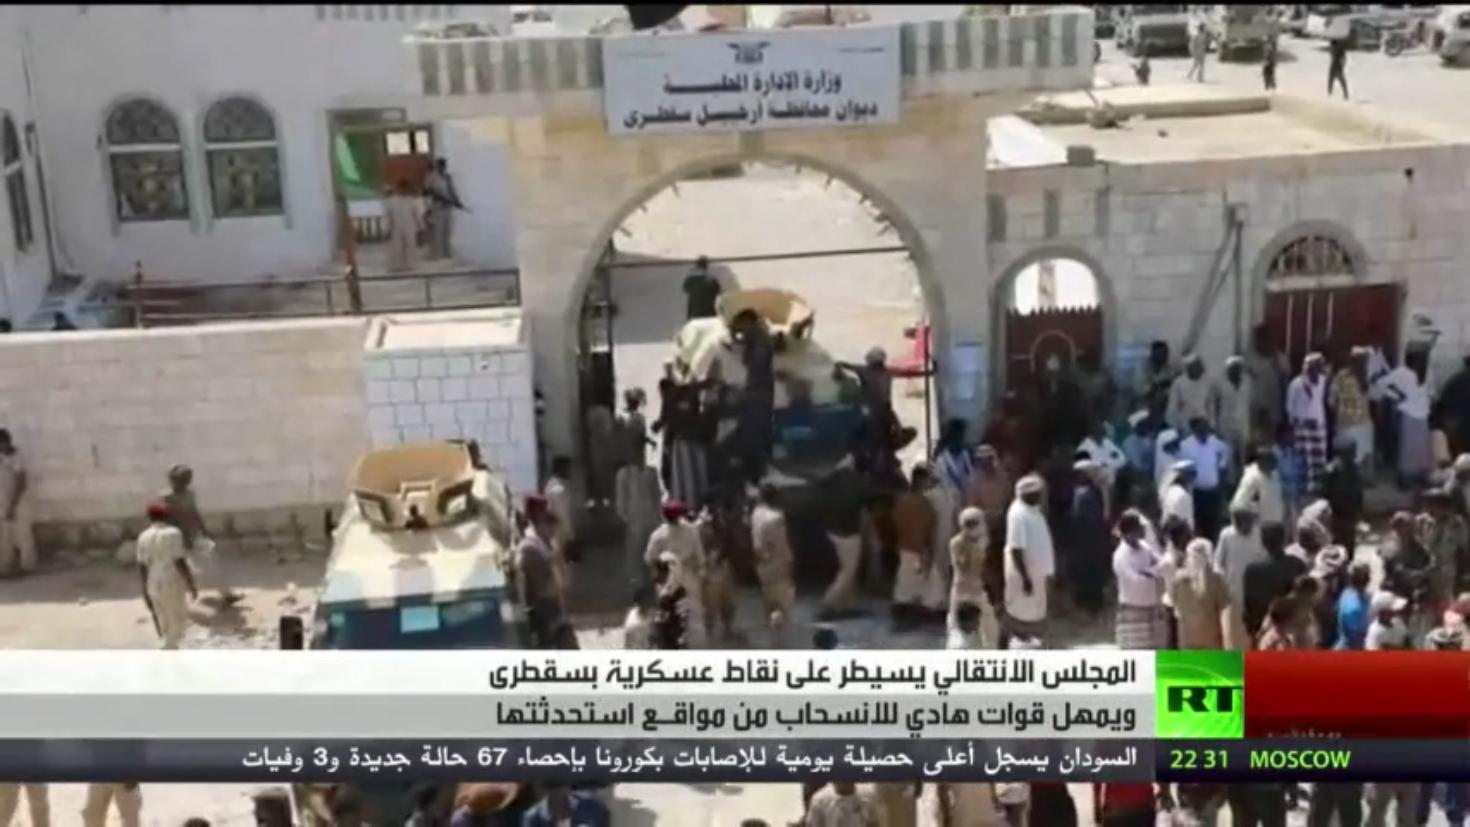 مهلة لقوات هادي للإنسحاب من نقاط بمركز سقطرى